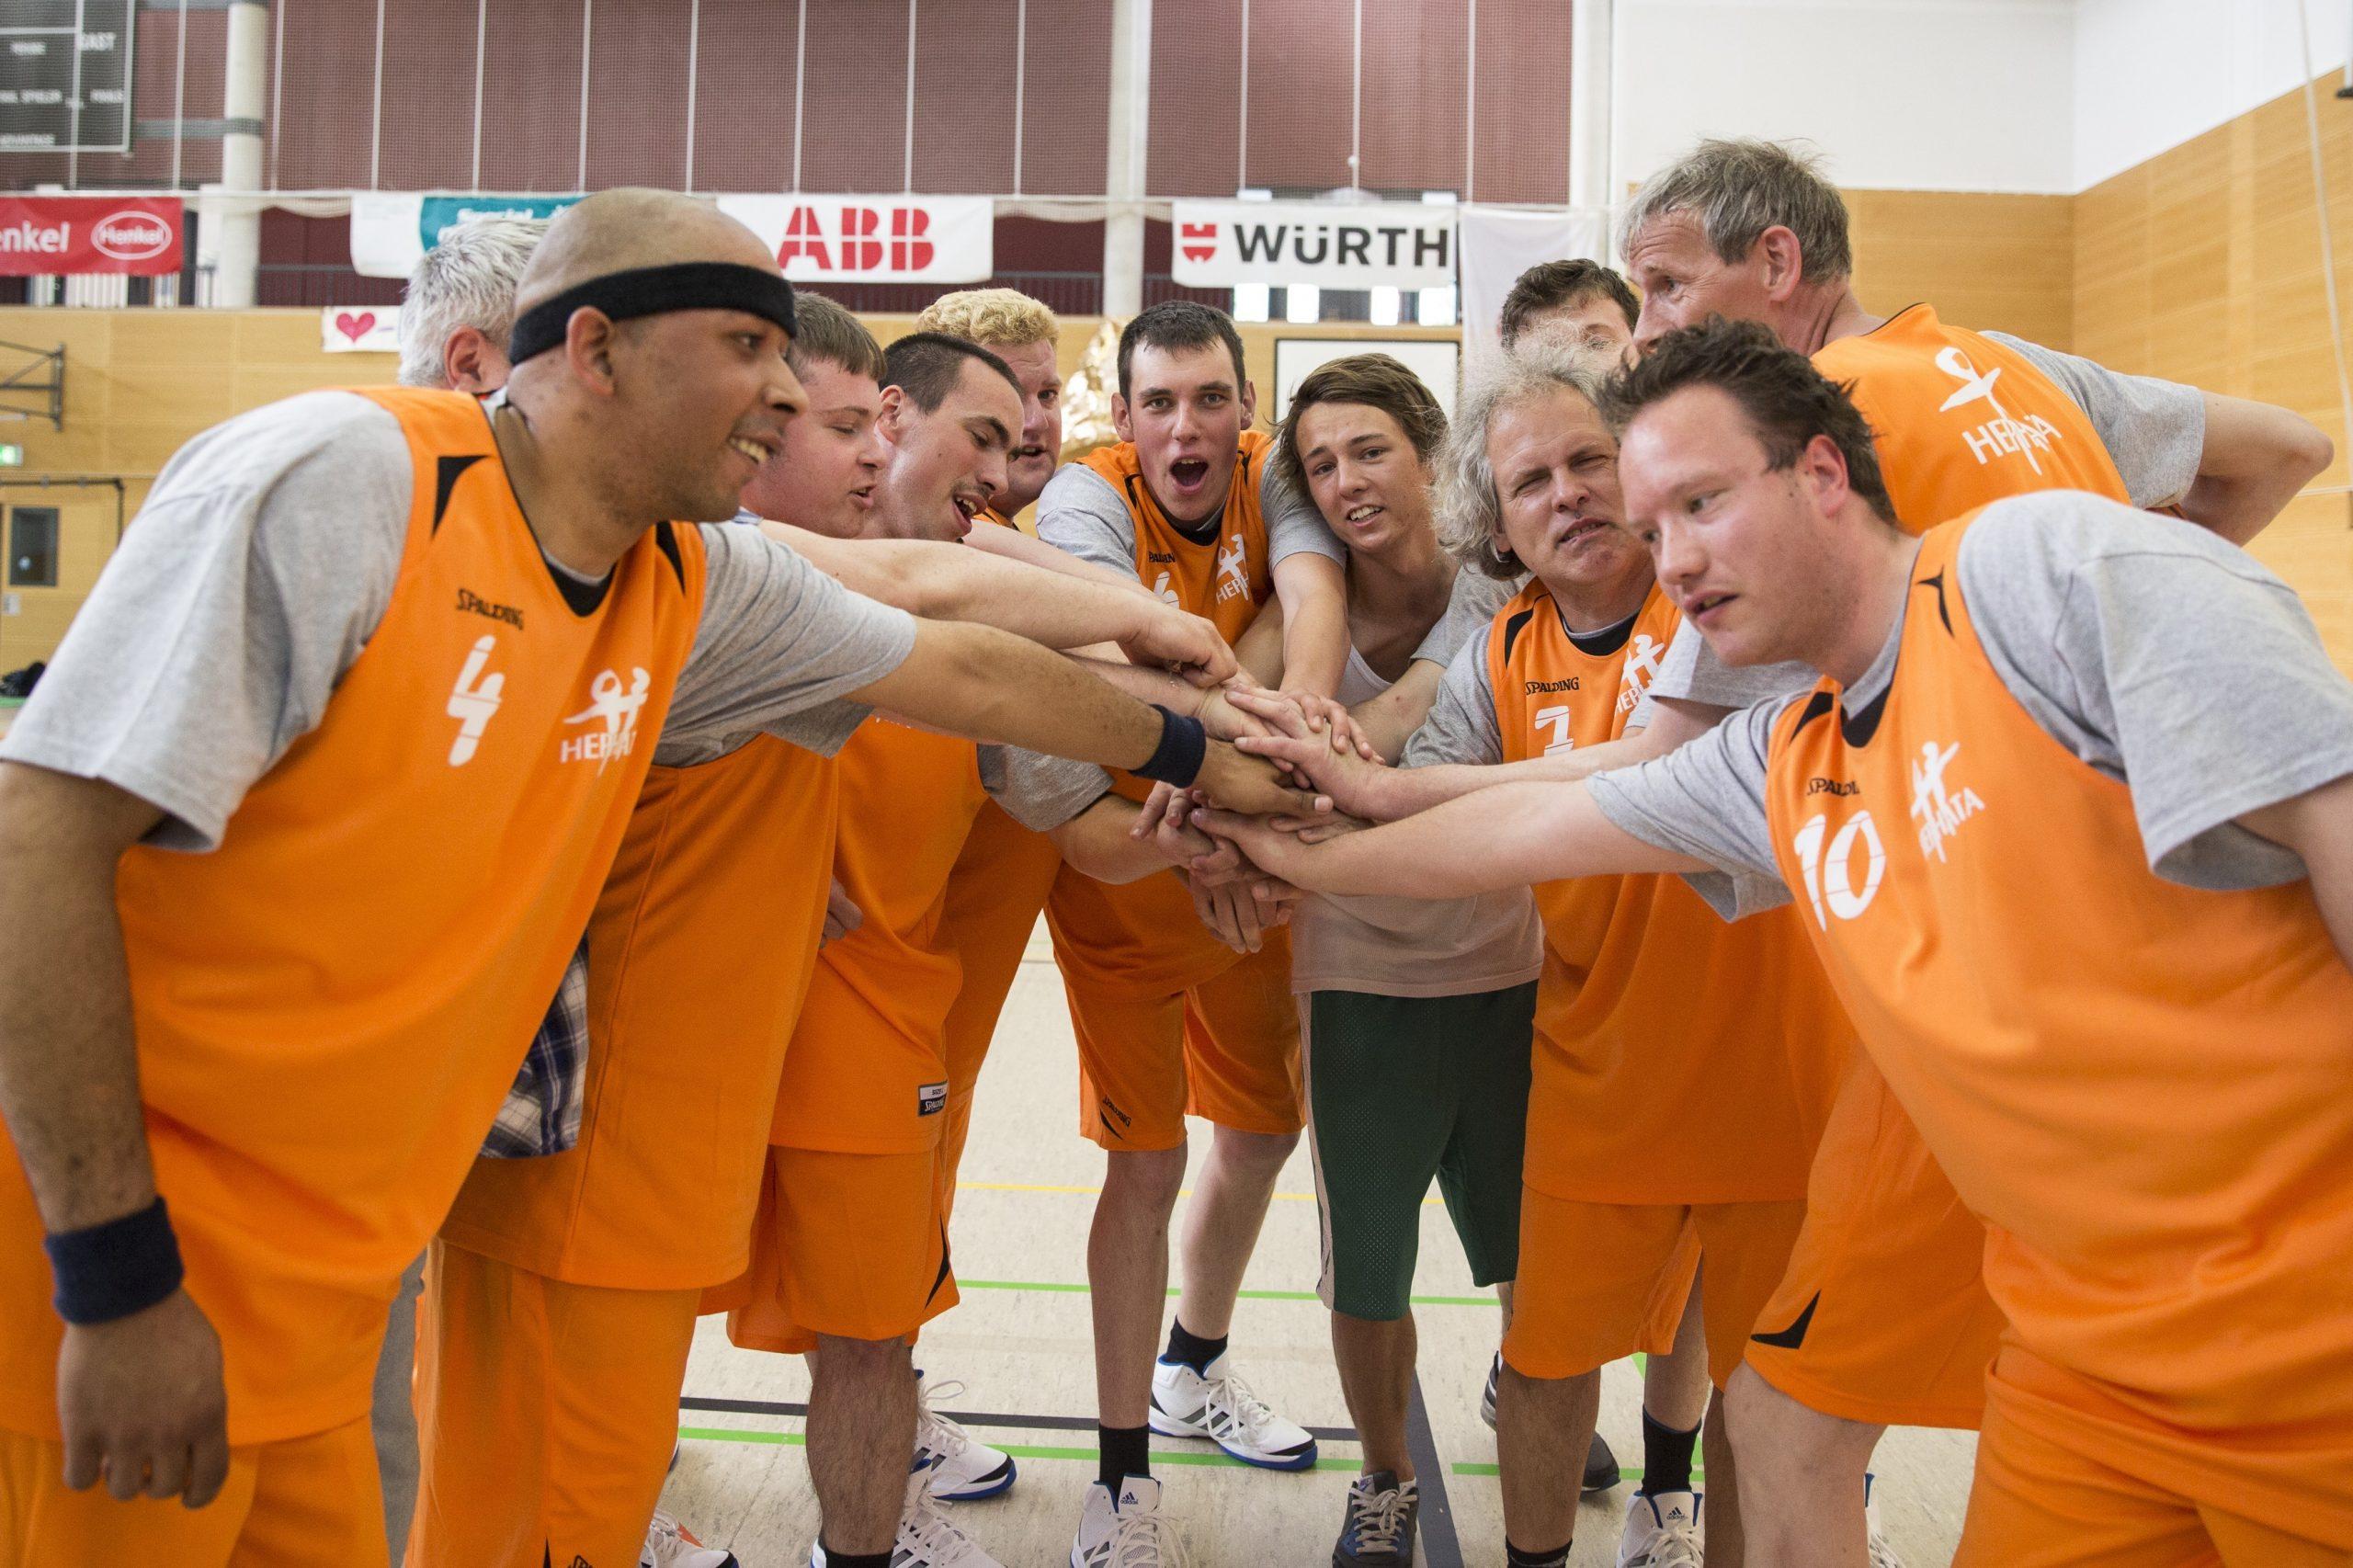 Startschuss für Sport-Inklusionsnetzwerk in Koblenz